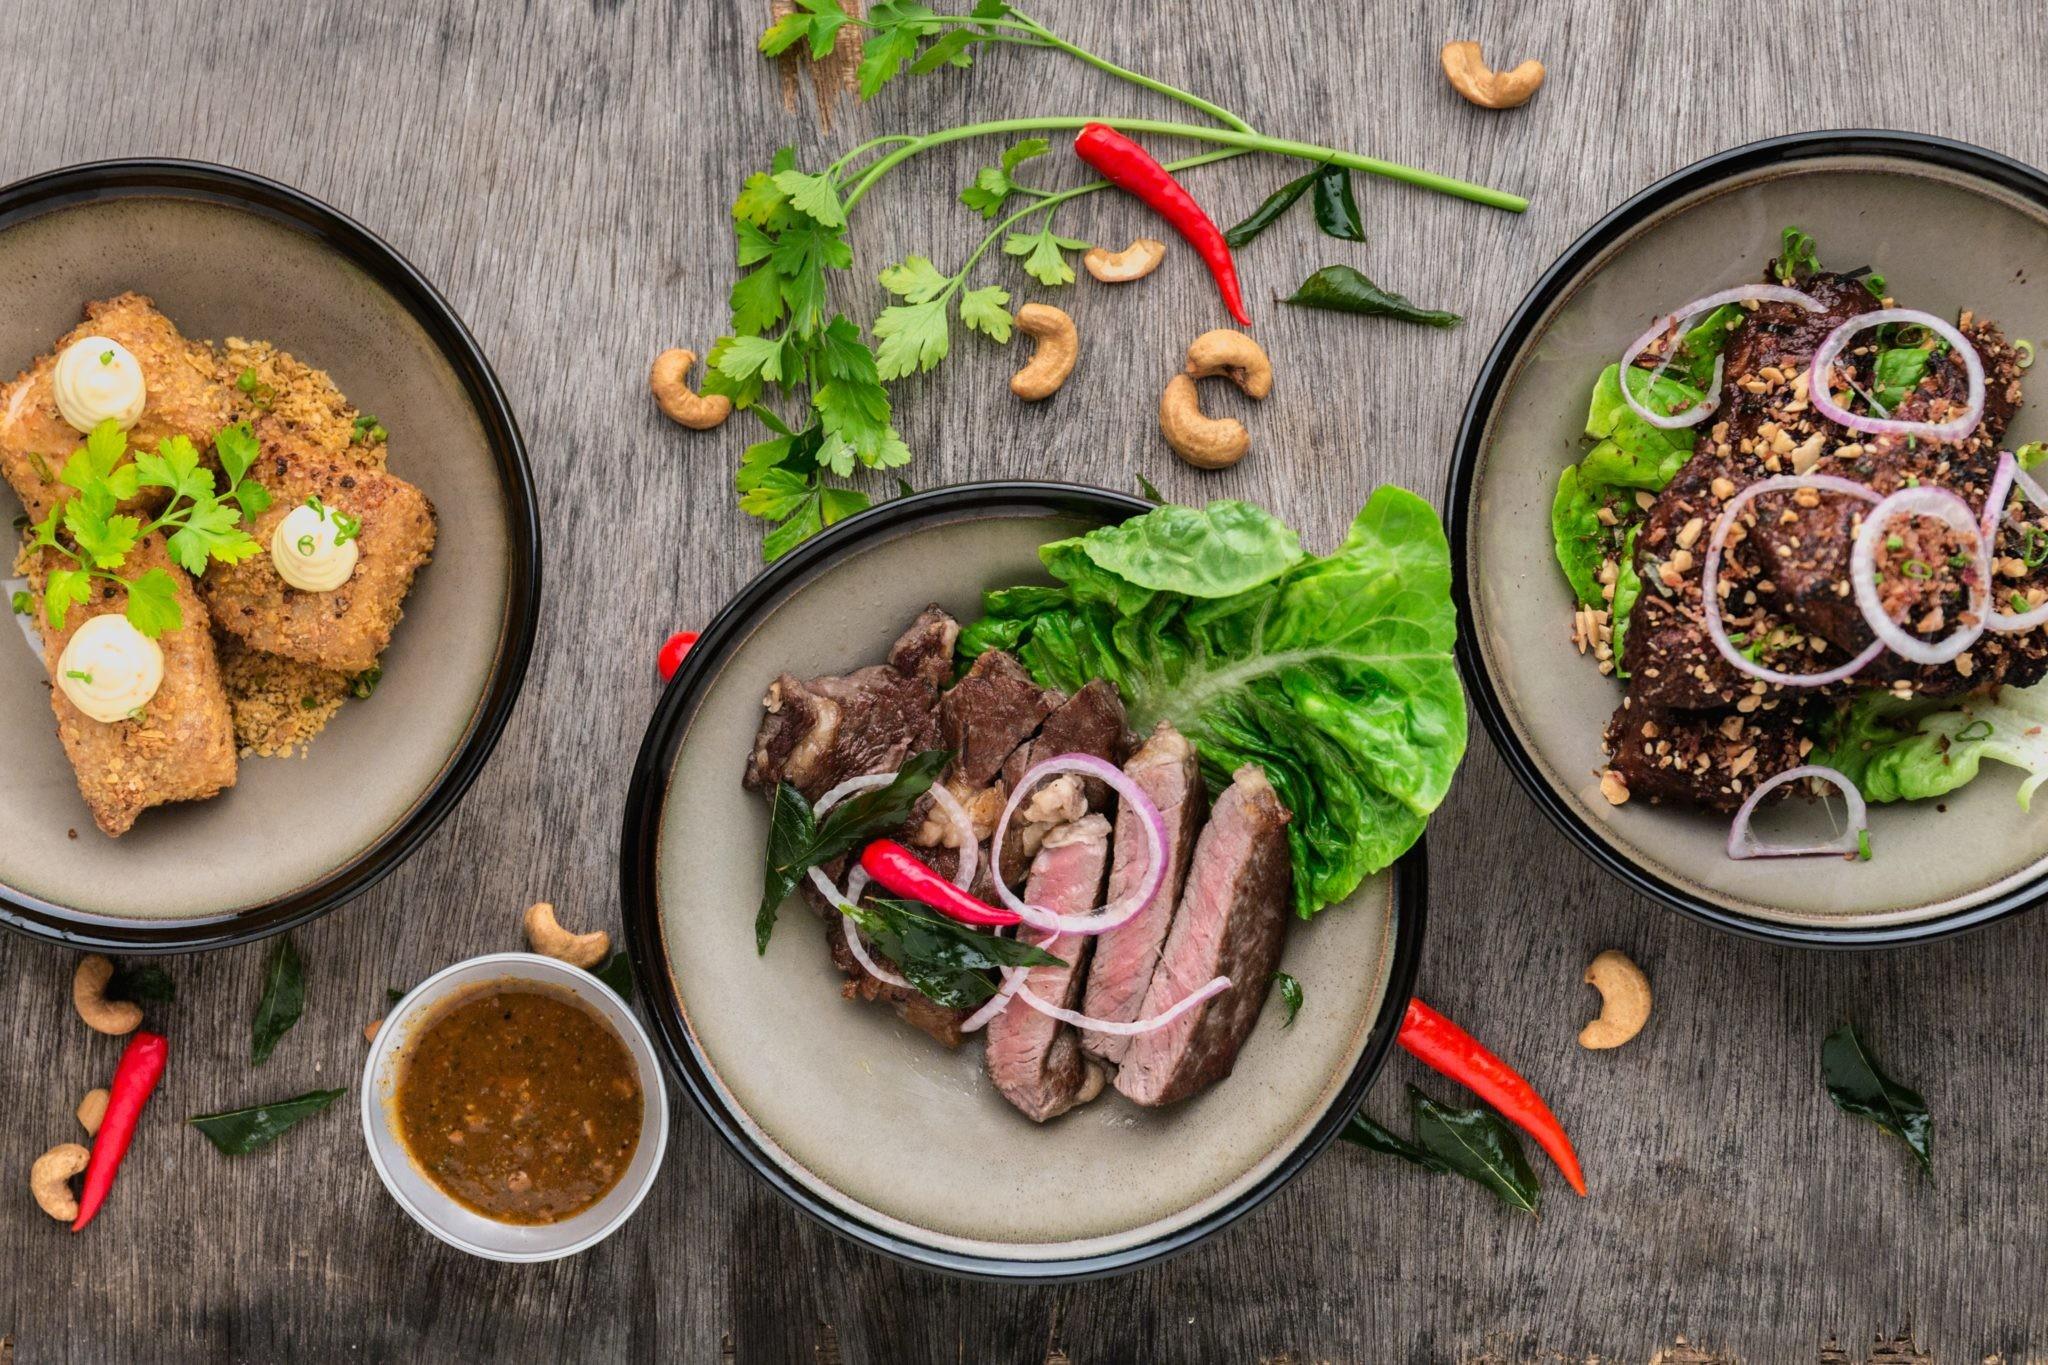 Что приготовить в День повара: 9 оригинальных рецептов от фуд-блогеров